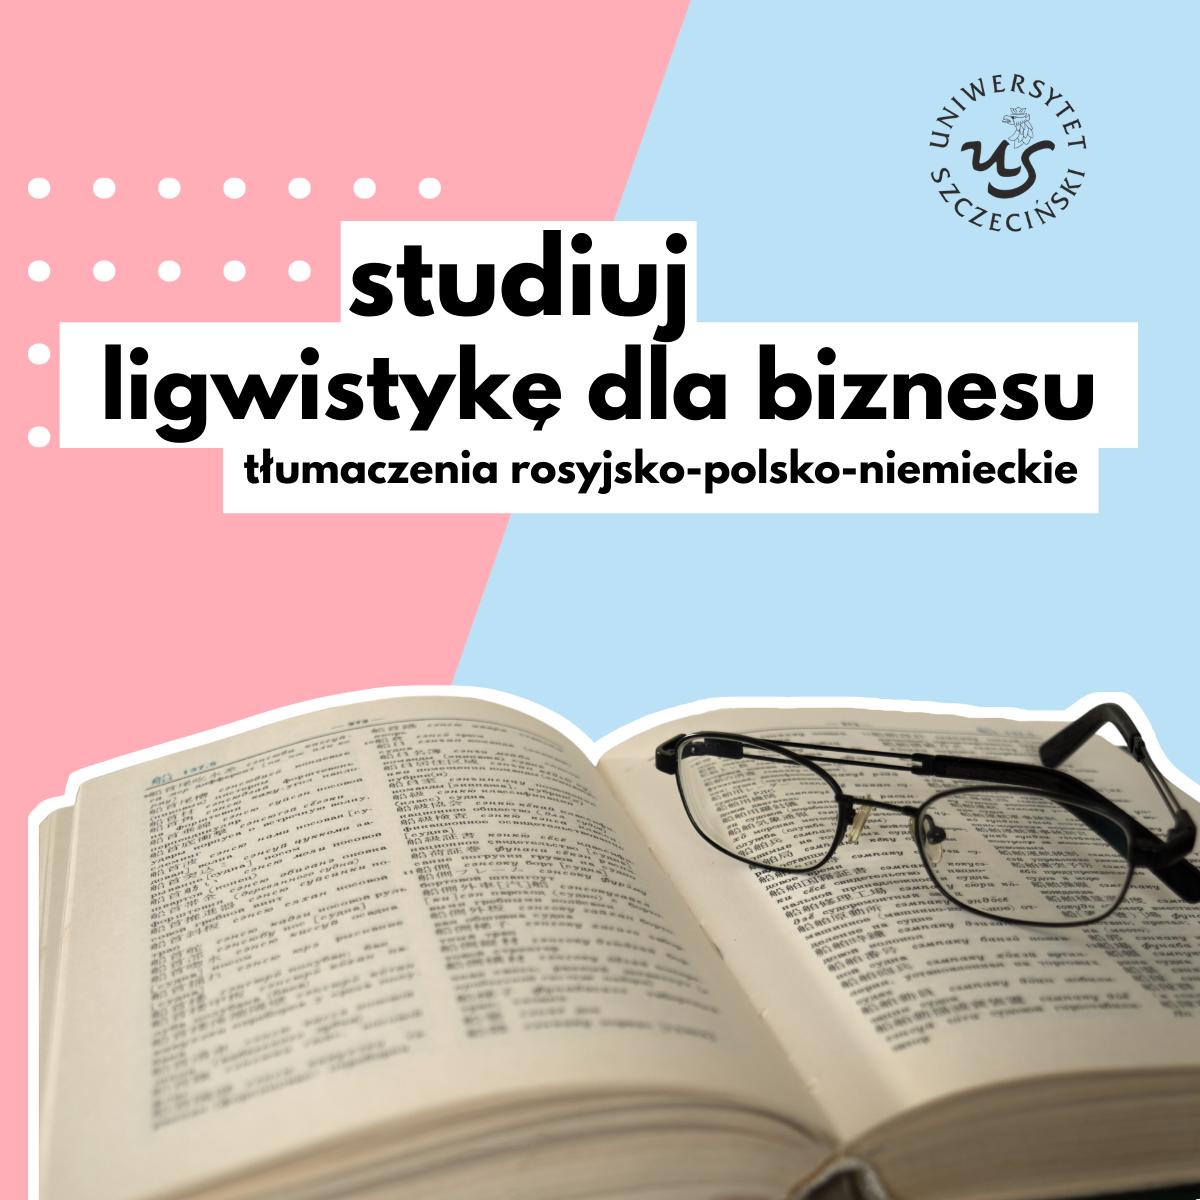 Lingwistyka dla biznesu – prezentacja kierunku